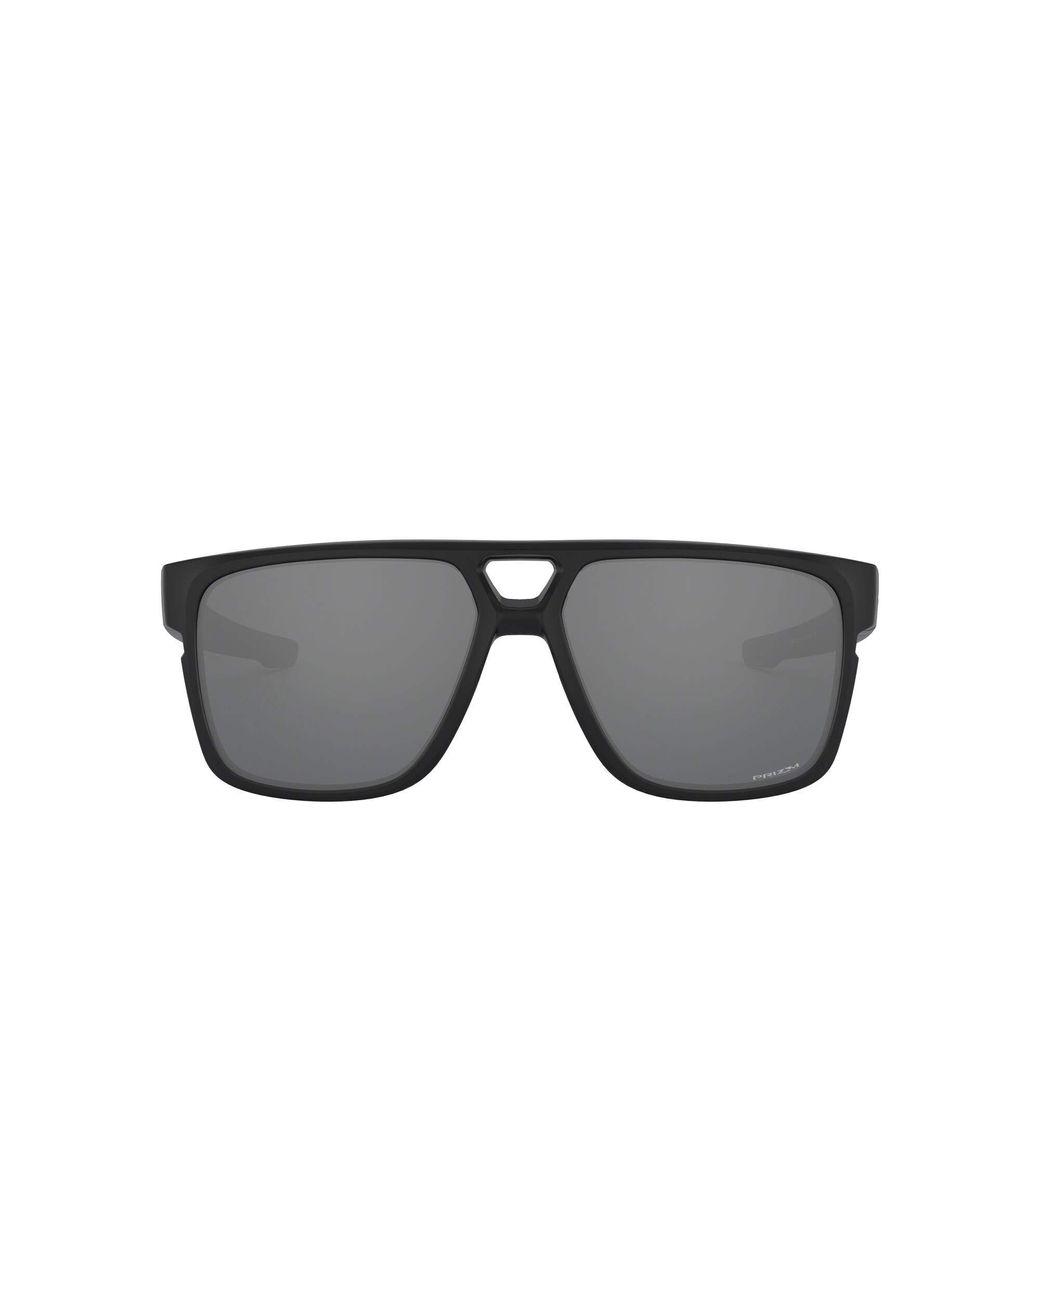 Oakley Crossrange Sunglasses Polarized Eyewear Prizm